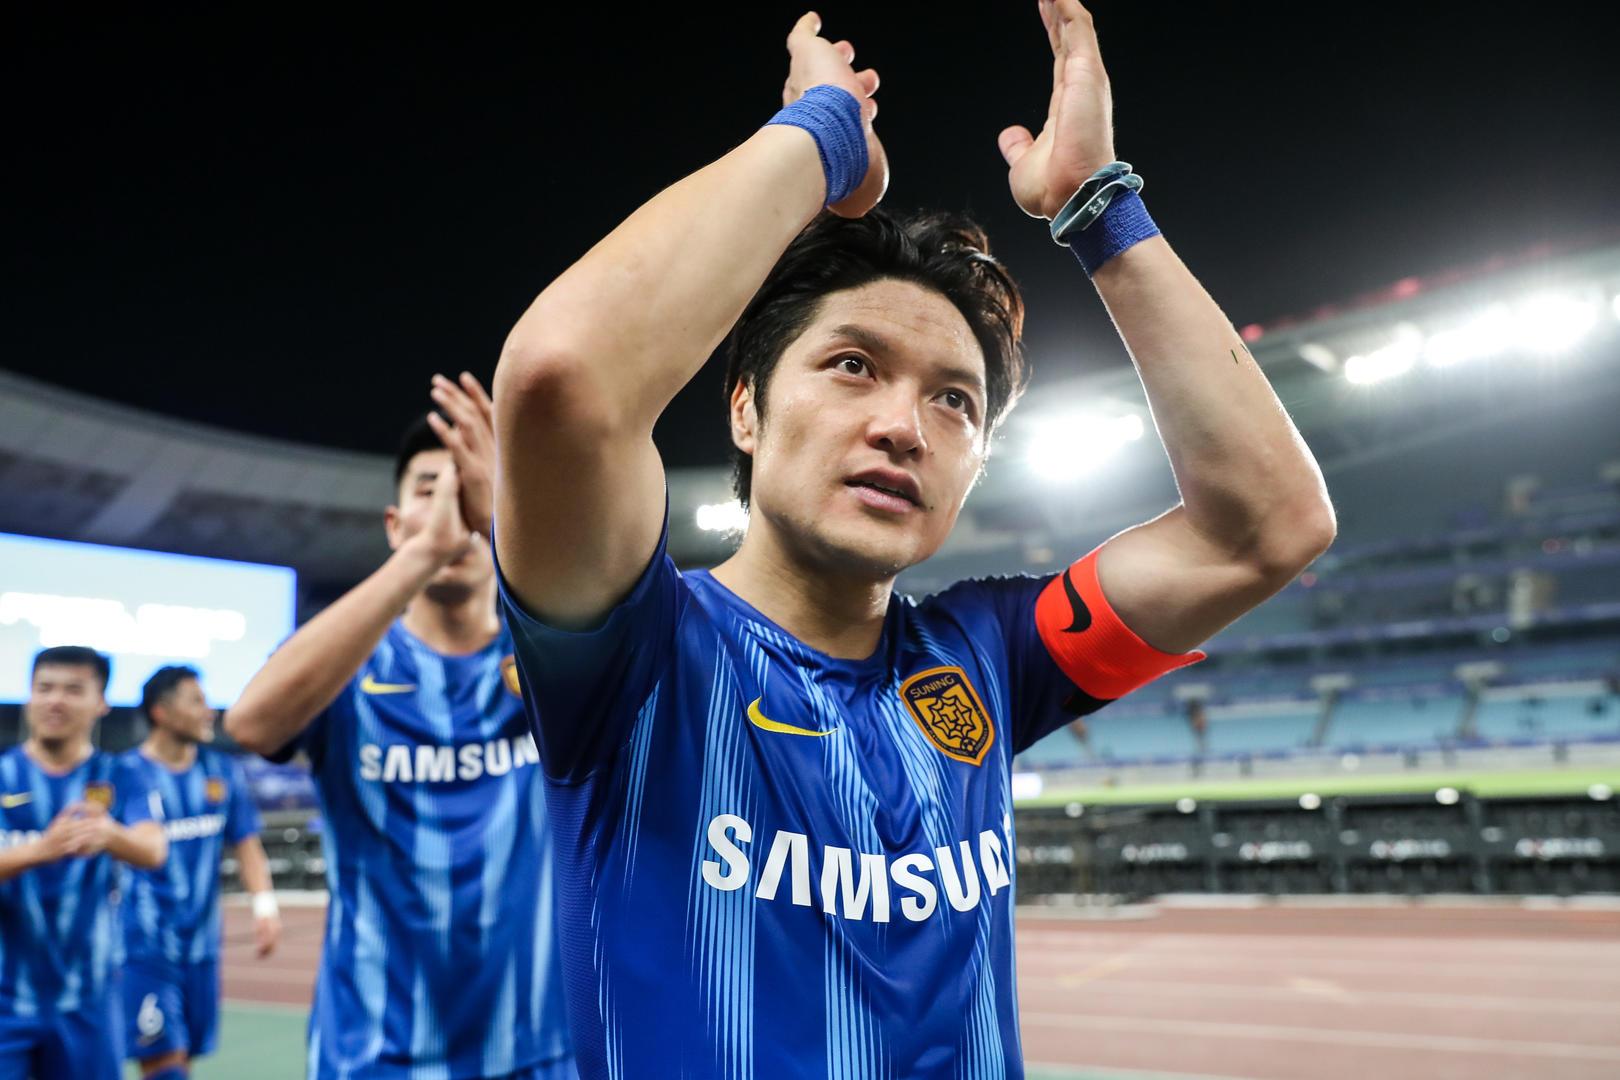 汪嵩:现在的国内球员很职业,希望成中超出场最多球员